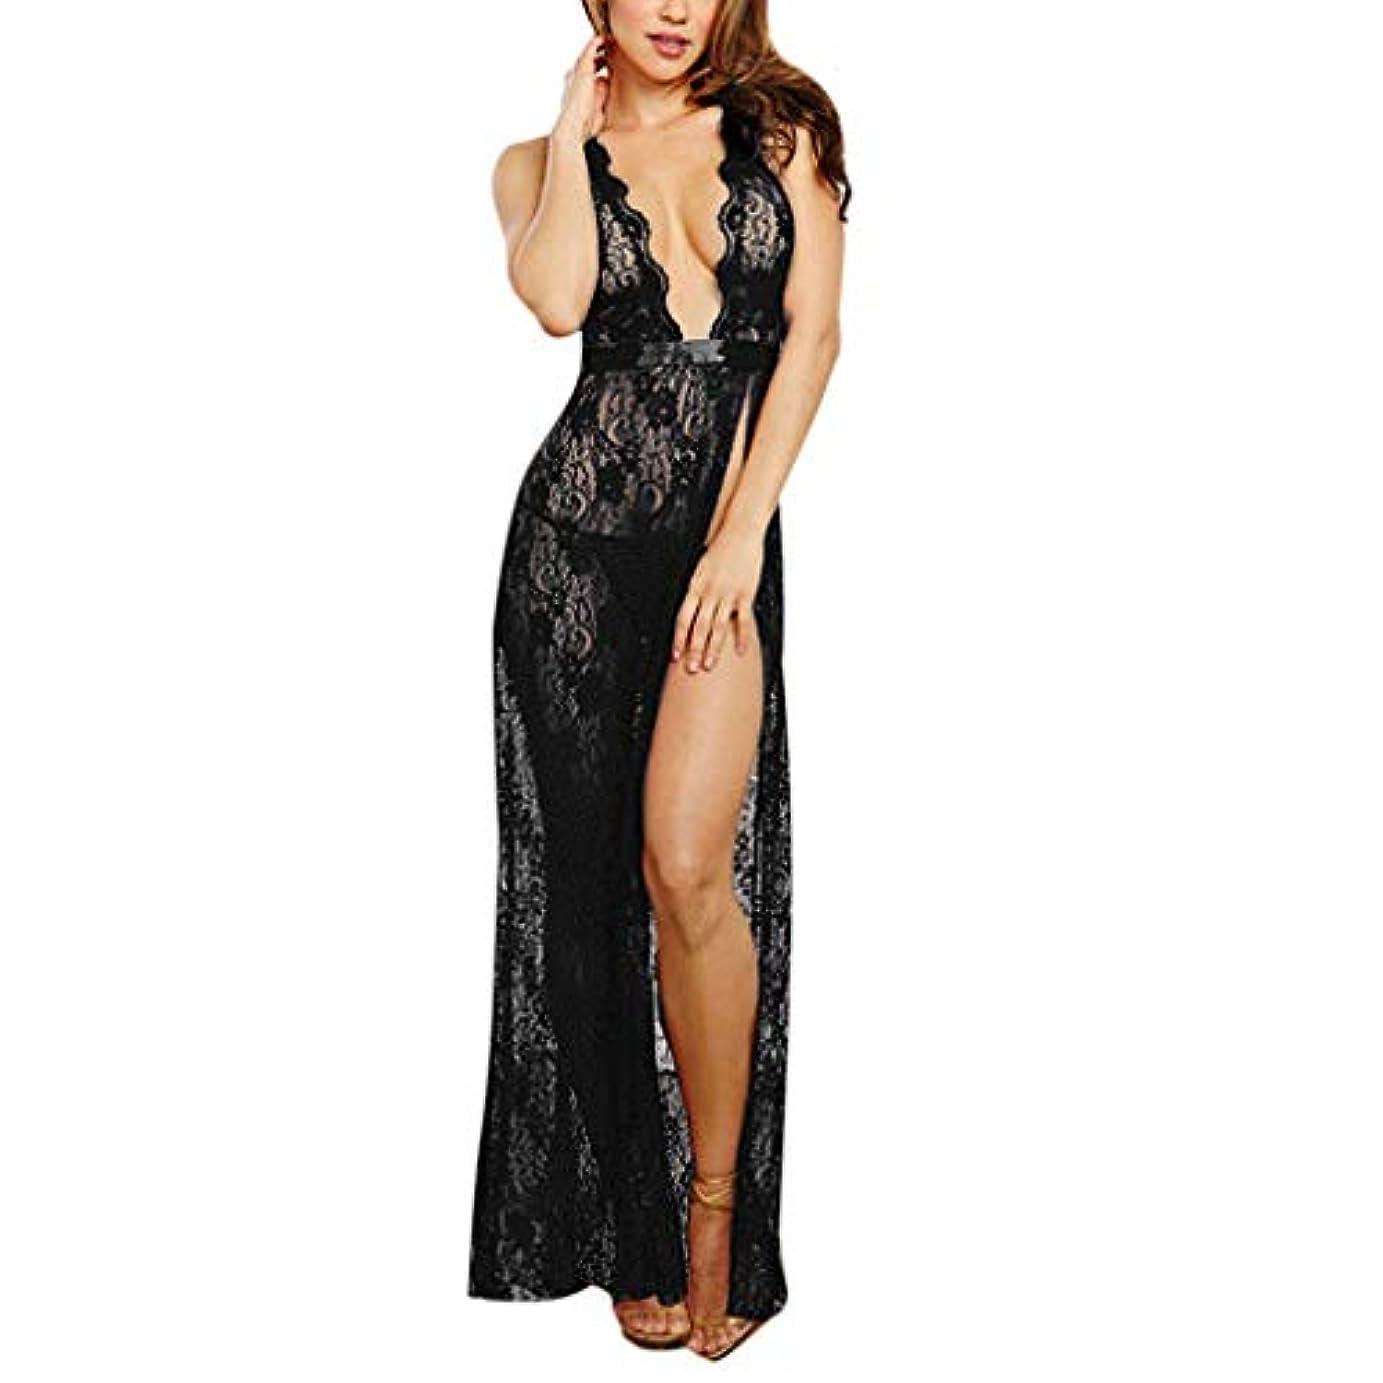 共役遺棄された便宜セクシーランジェリーストラップ美バックディープVレースロングナイトドレスかわいい 過激 透け キャミソール 情趣 女性 エロ下着 アンダーウェア ビキニ 全身 レース 軽量シースルー スリム 福袋